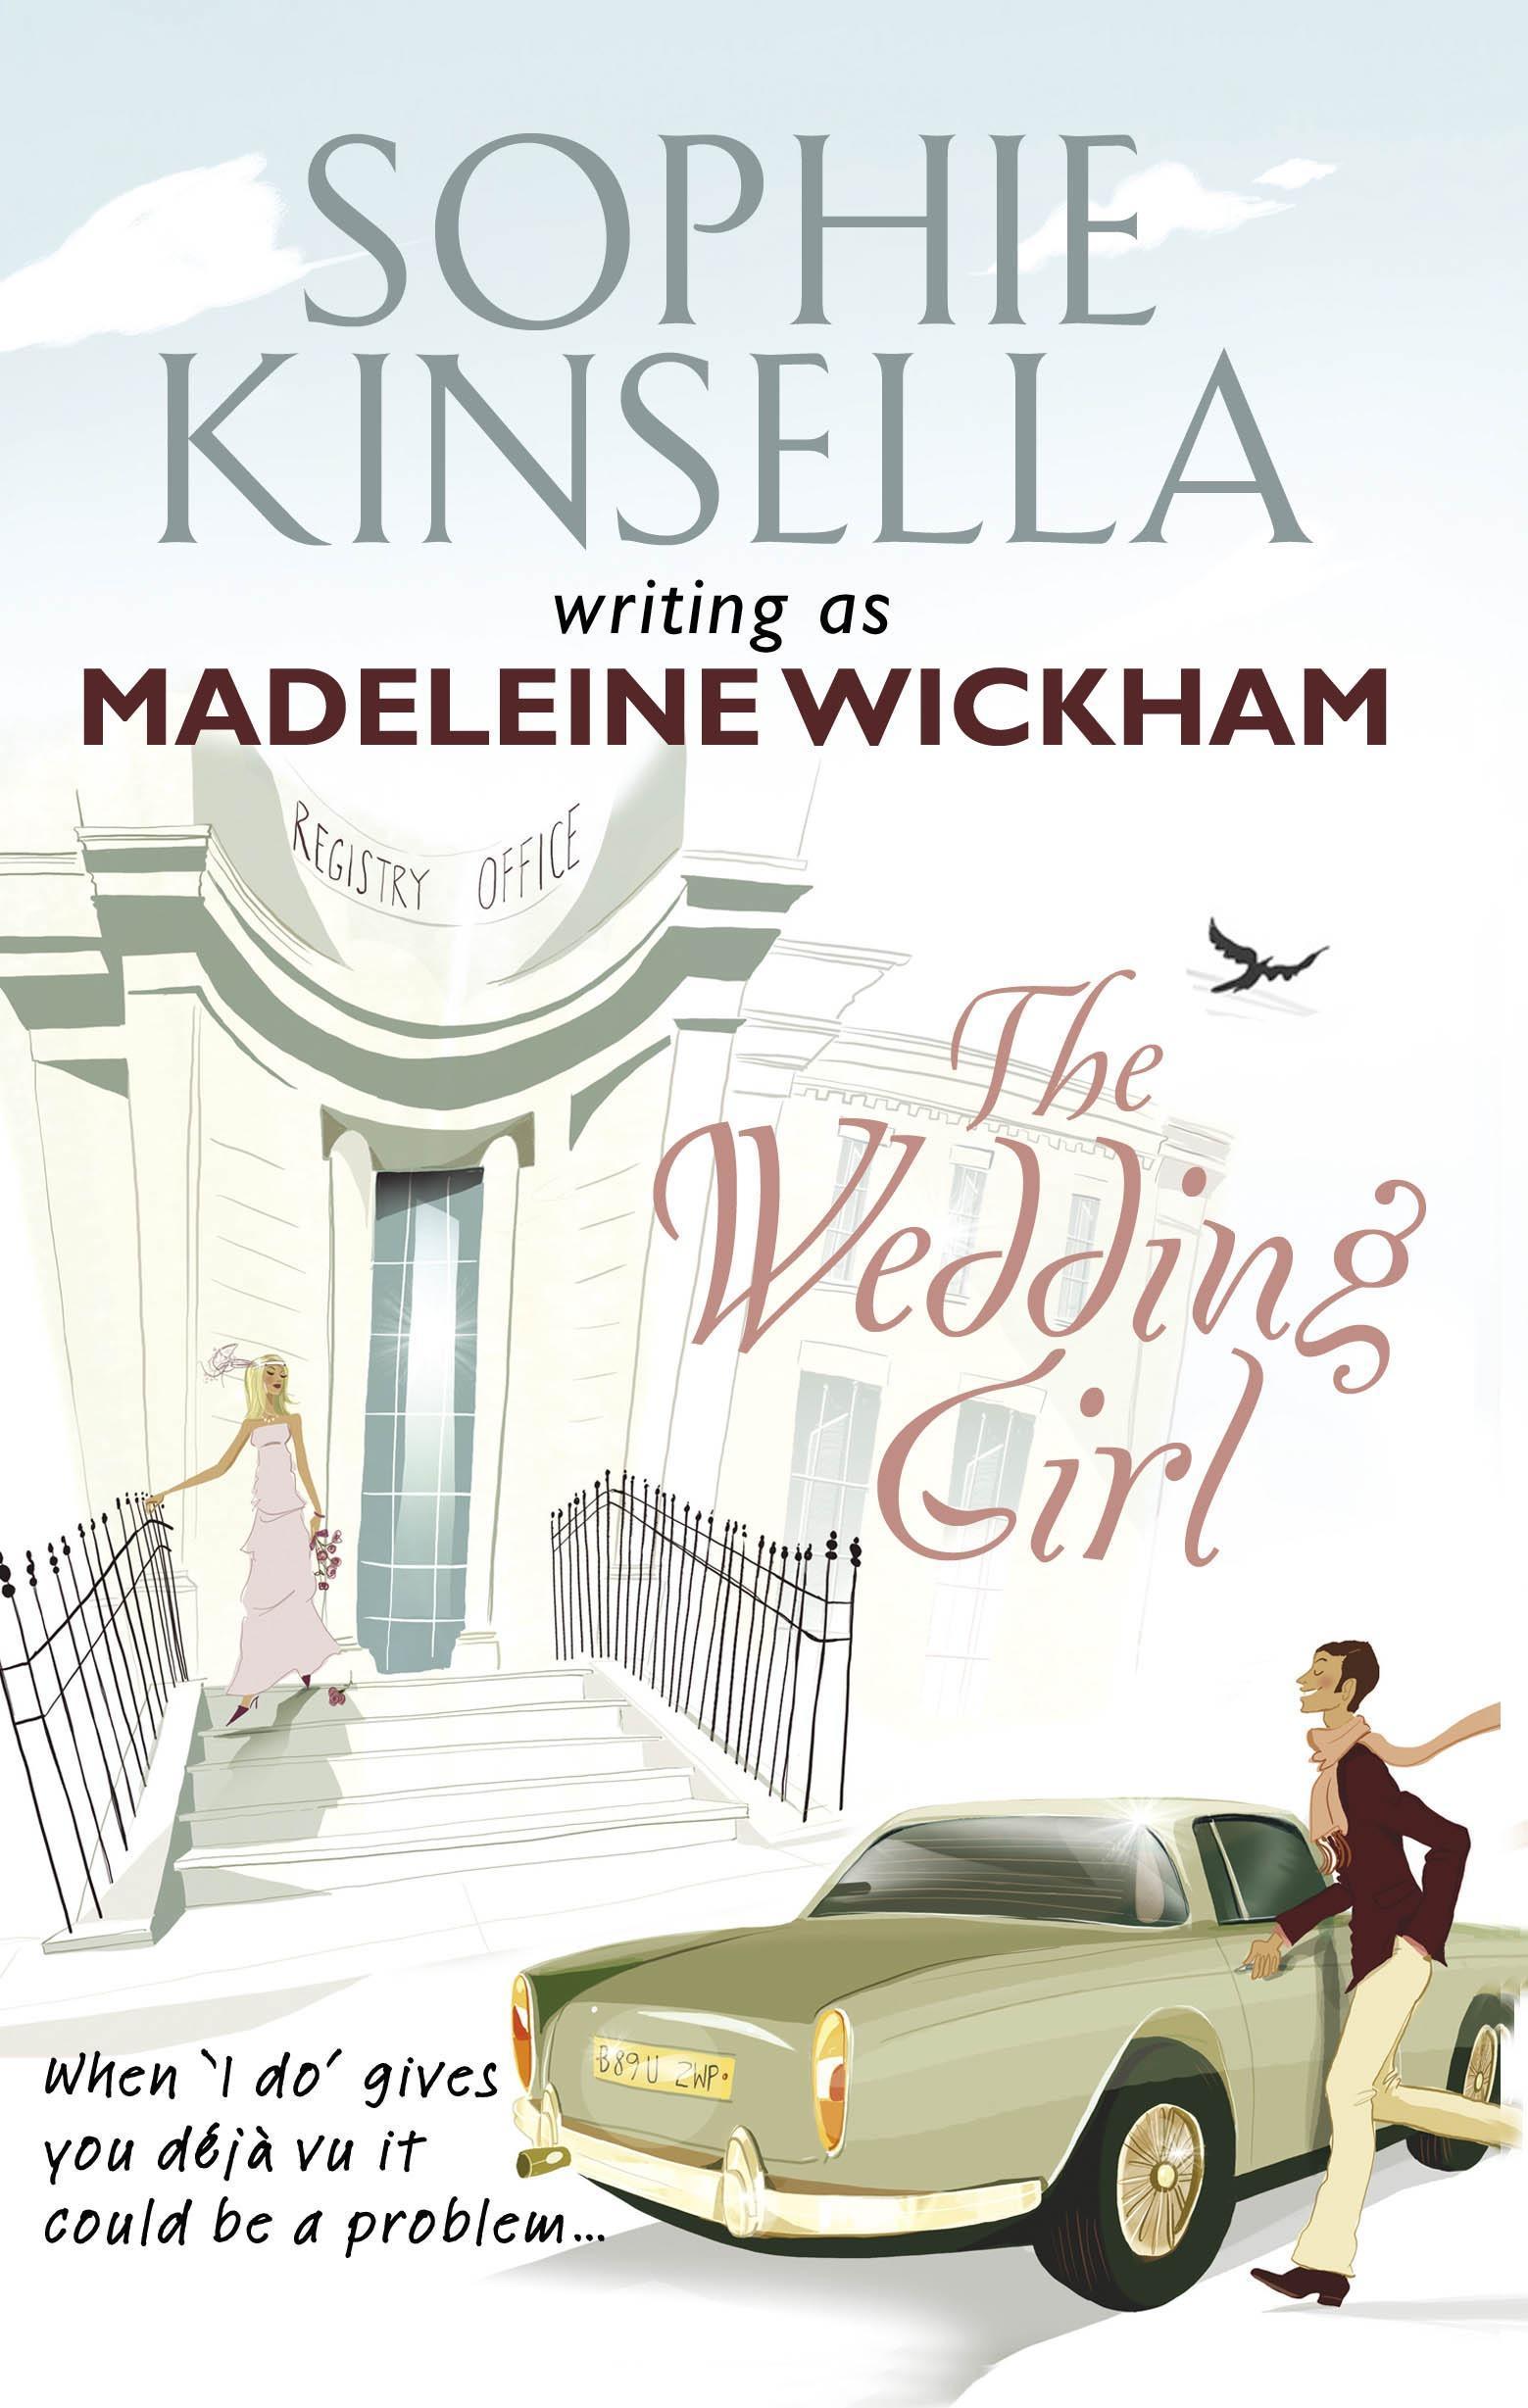 The Wedding Girl  Madeleine Wickham (u. a.)  Taschenbuch  Englisch  2010 - Wickham, Madeleine